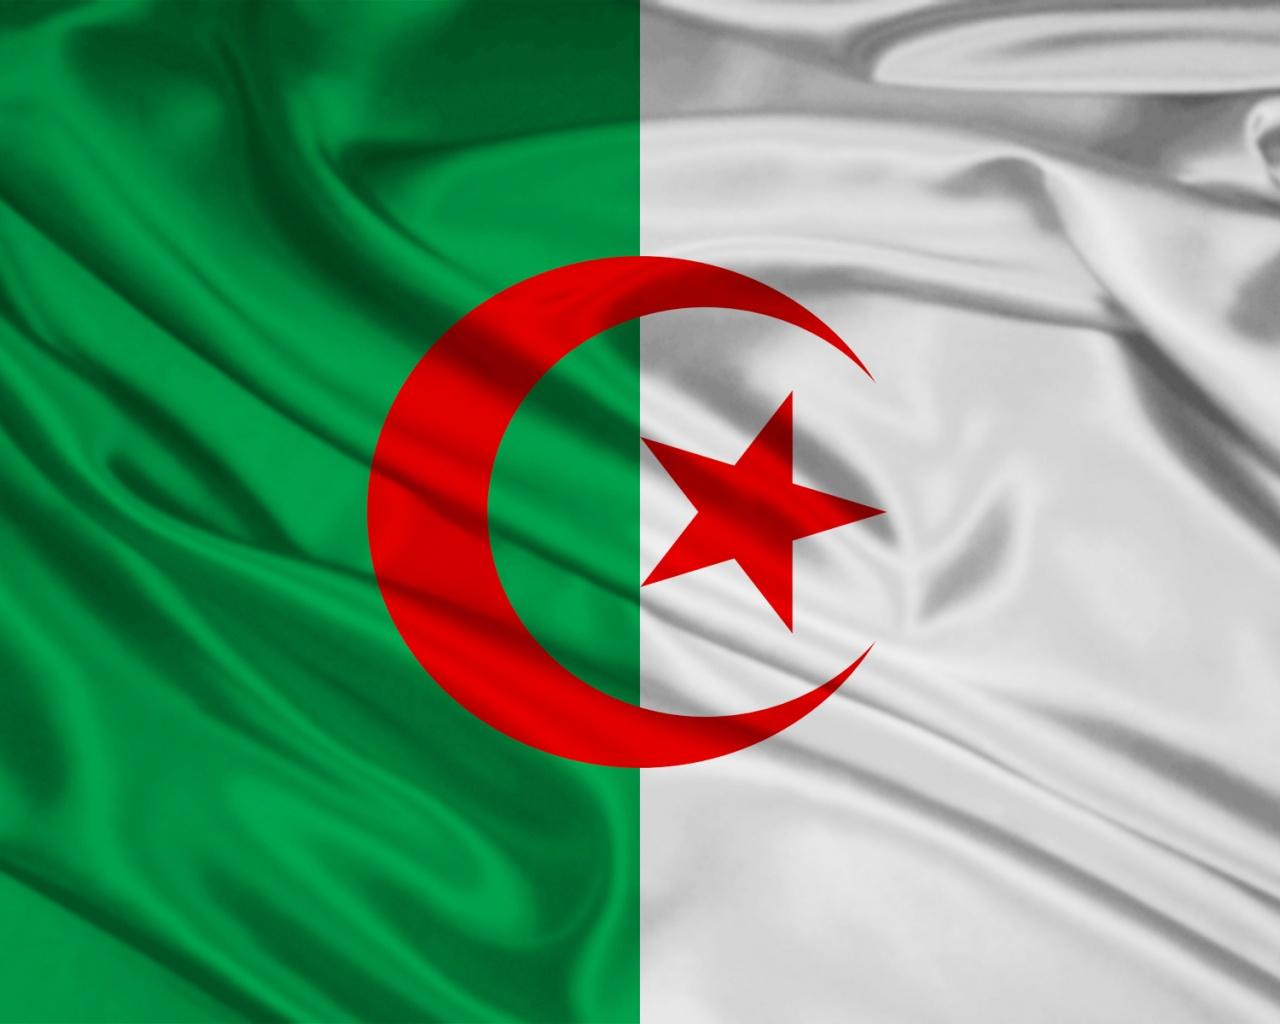 1280x1024 Algeria Flag desktop PC and Mac wallpaper 1280x1024